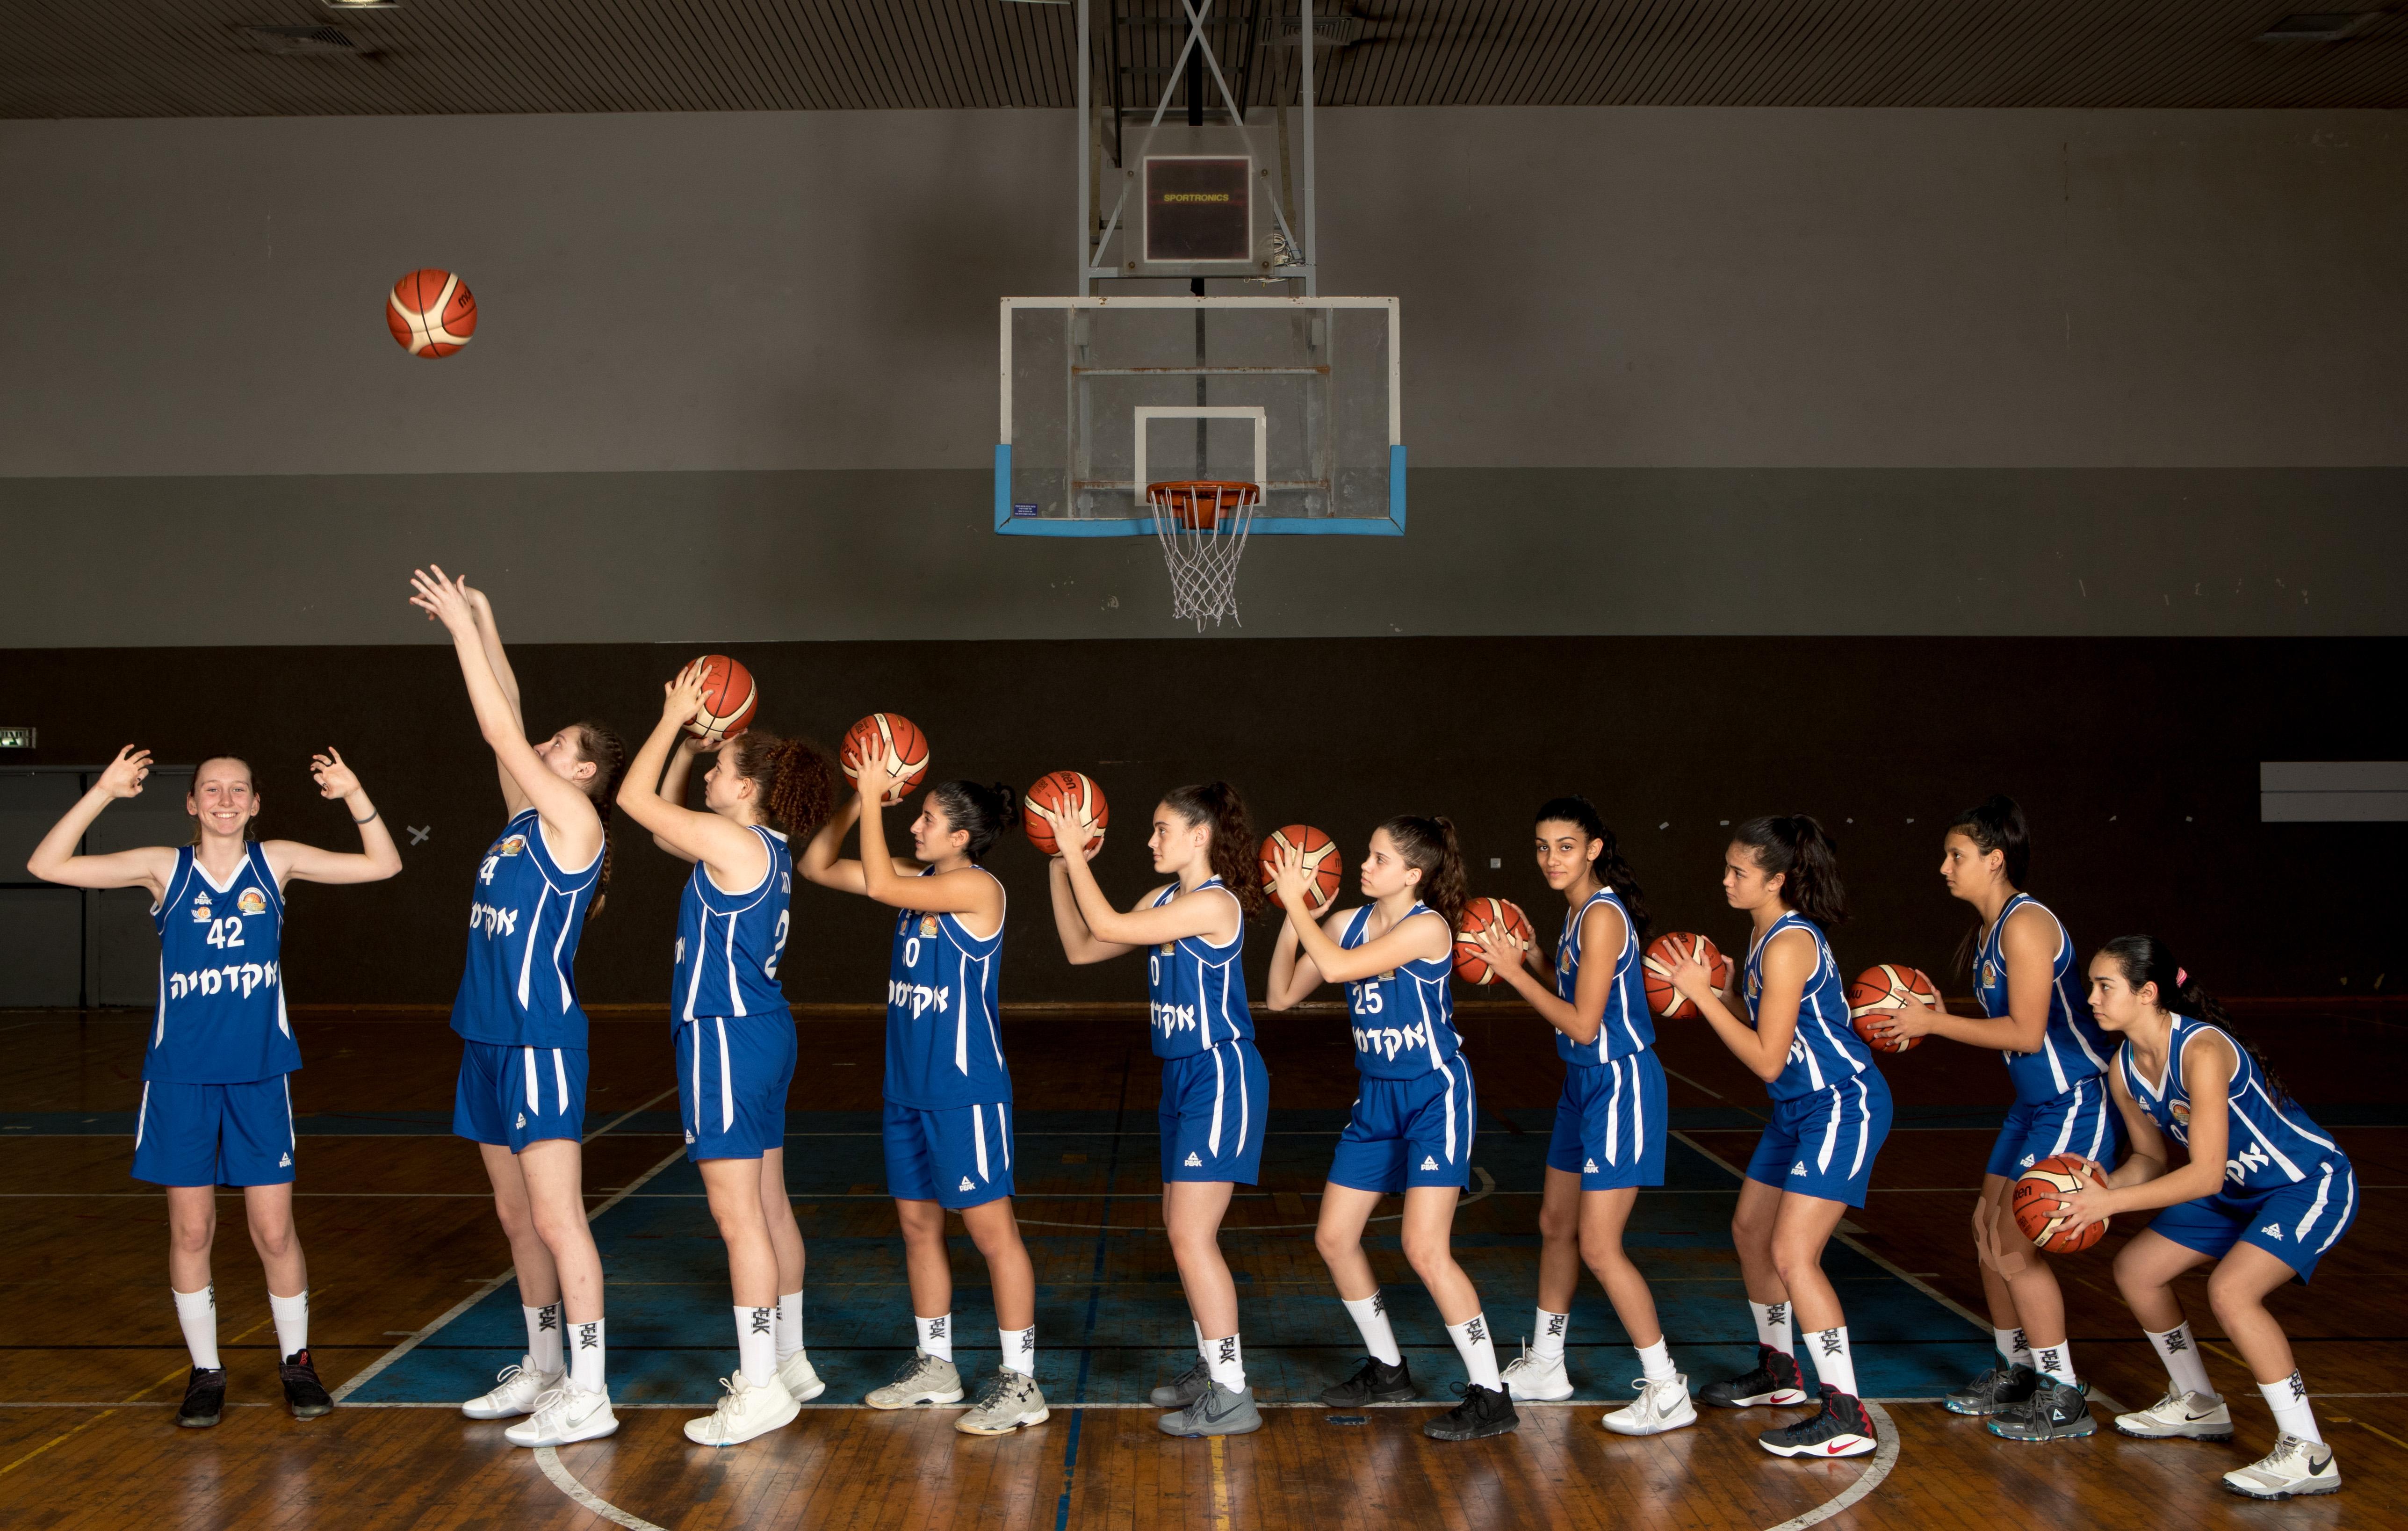 פרויקט איתור שחקניות כדורסל באיגוד הכדורסל